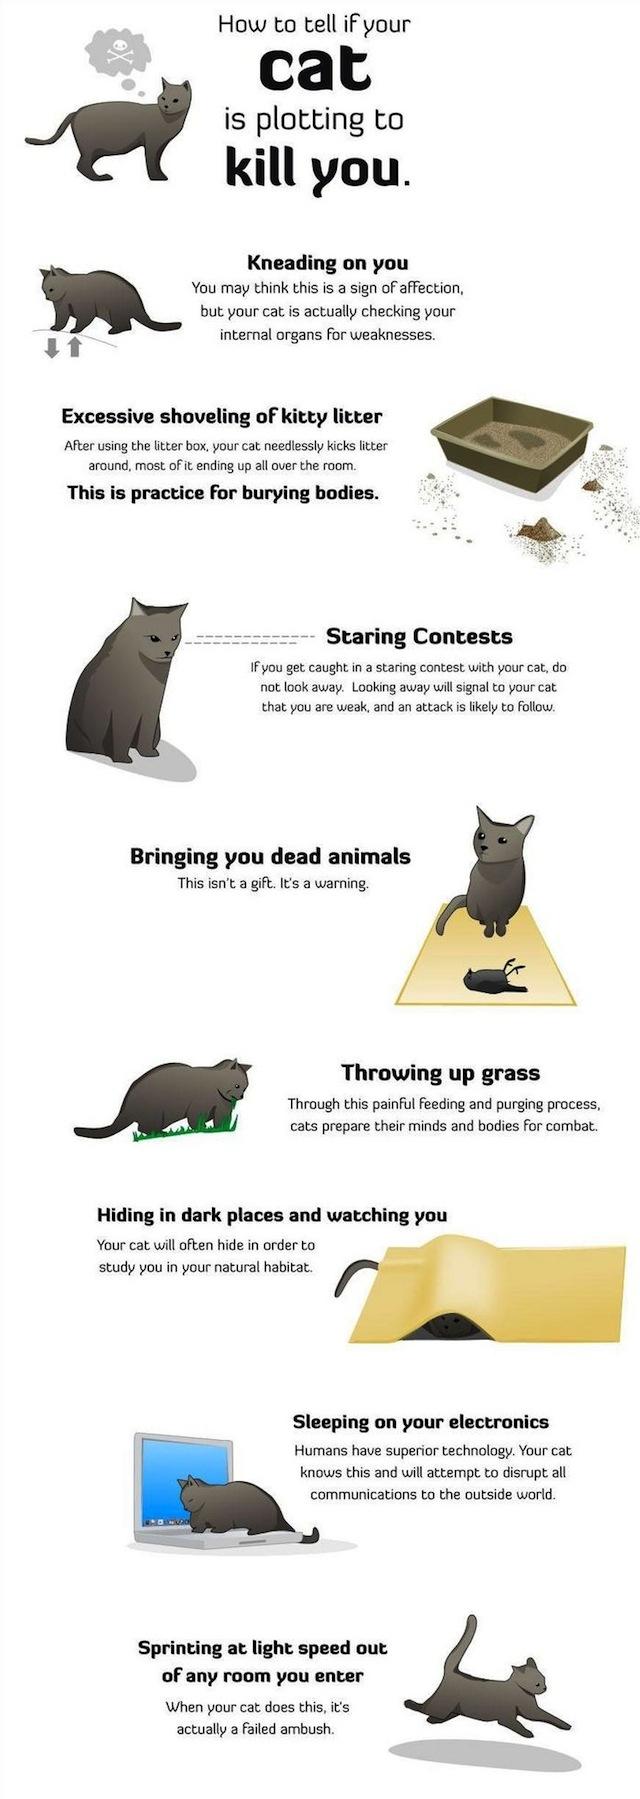 Votre chat essaye de vous tuer